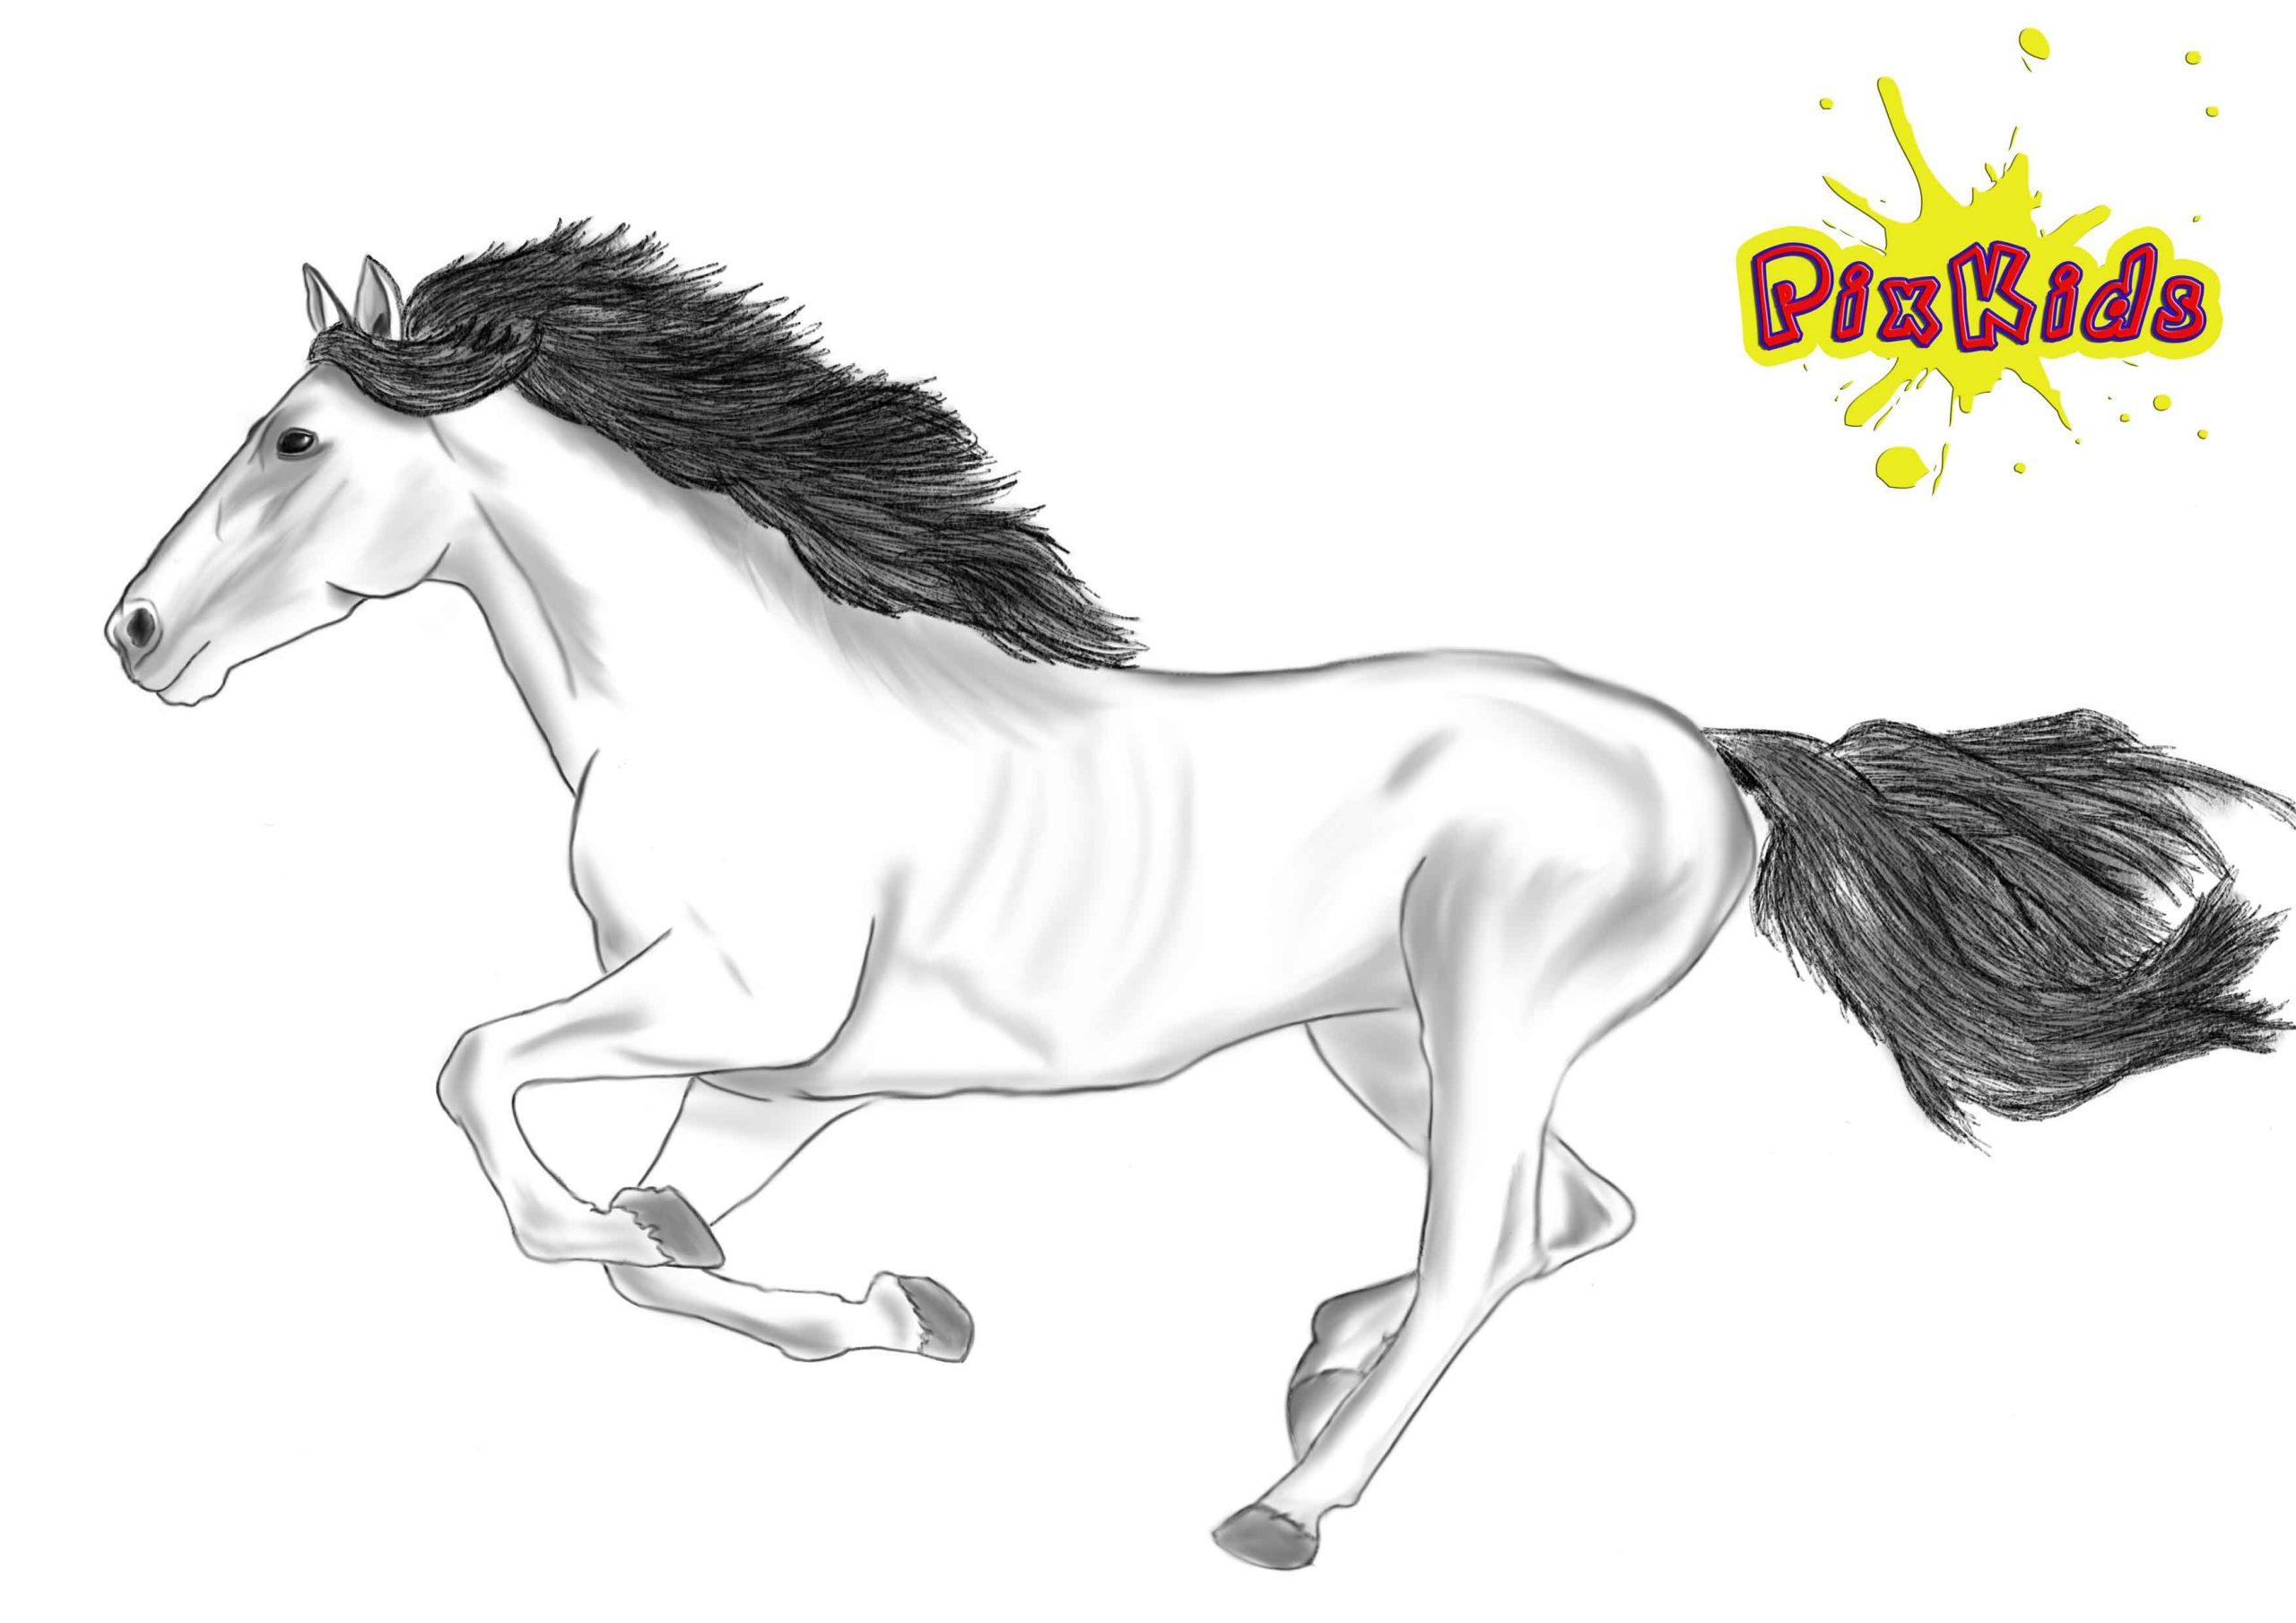 Ausmalbild Pferd - Kostenlose Malvorlagen für Pferde Bilder Zum Ausmalen Und Ausdrucken Kostenlos